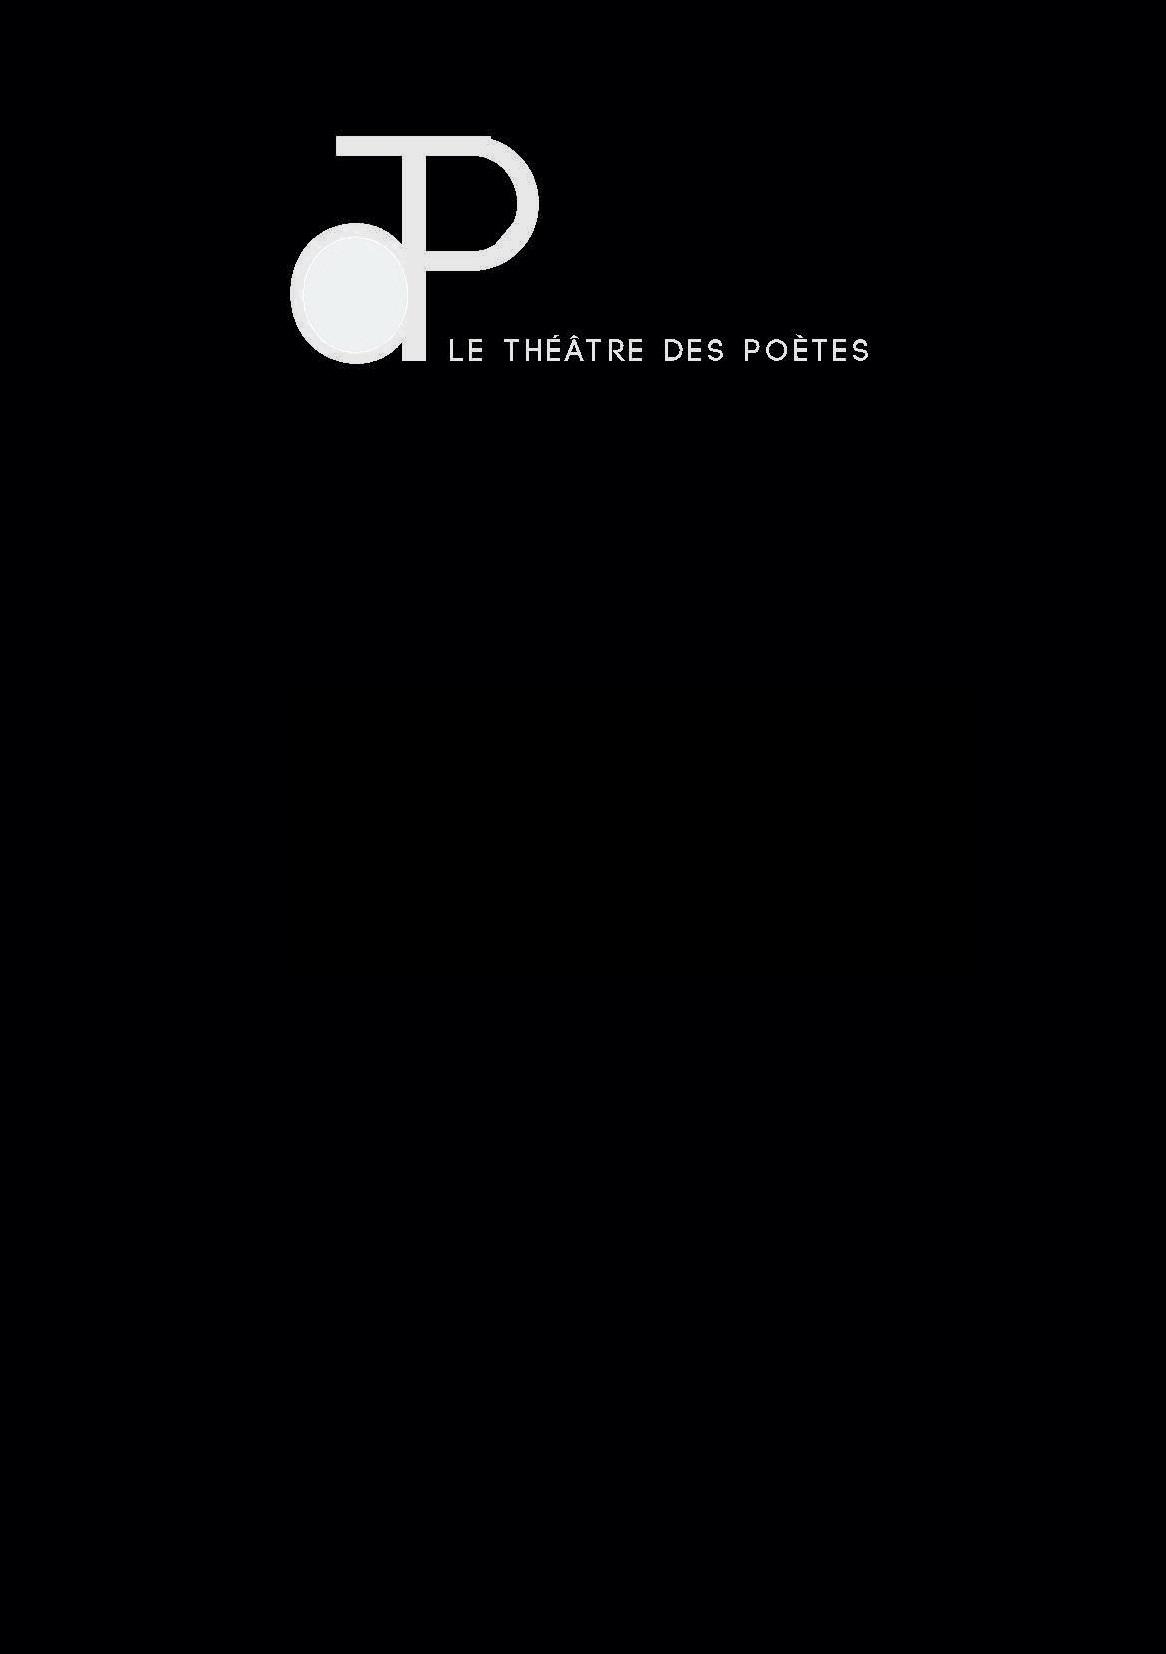 logo-TDP_fin_septembre-NOIR-2